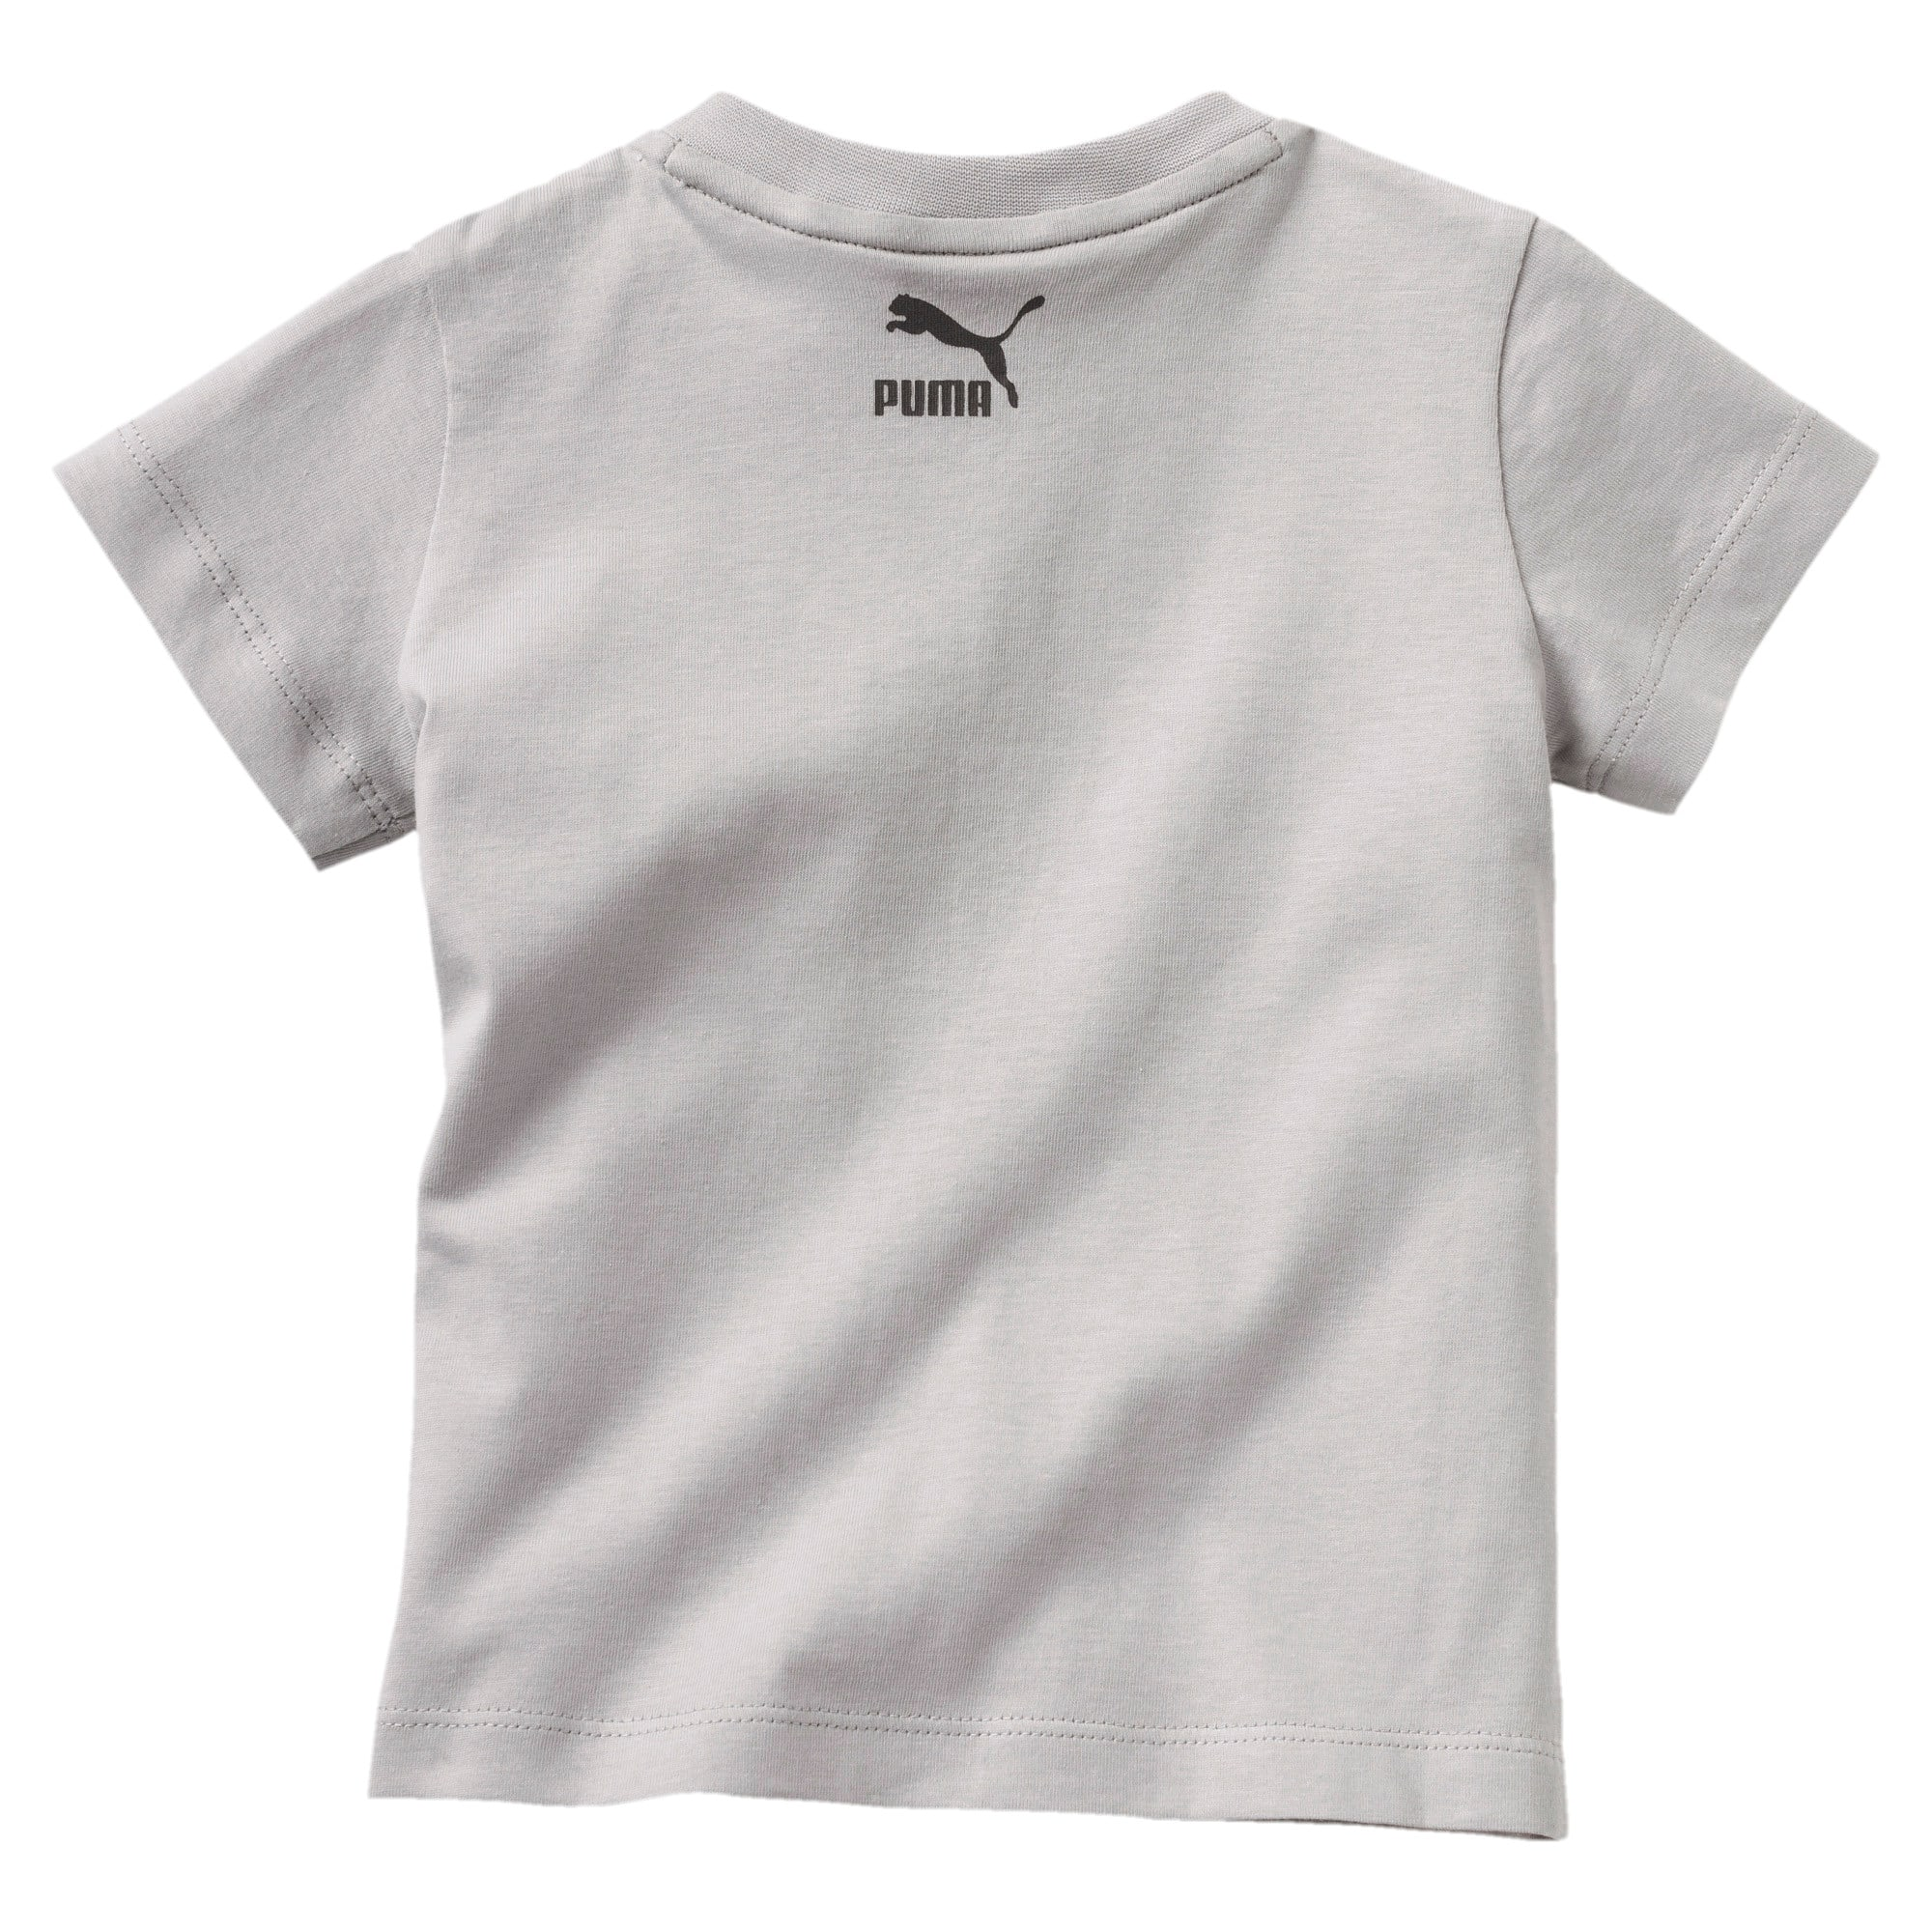 Vignette 4 de T-shirt Monster, nouveau-né + tout-petit, Gratte-ciel, moyen